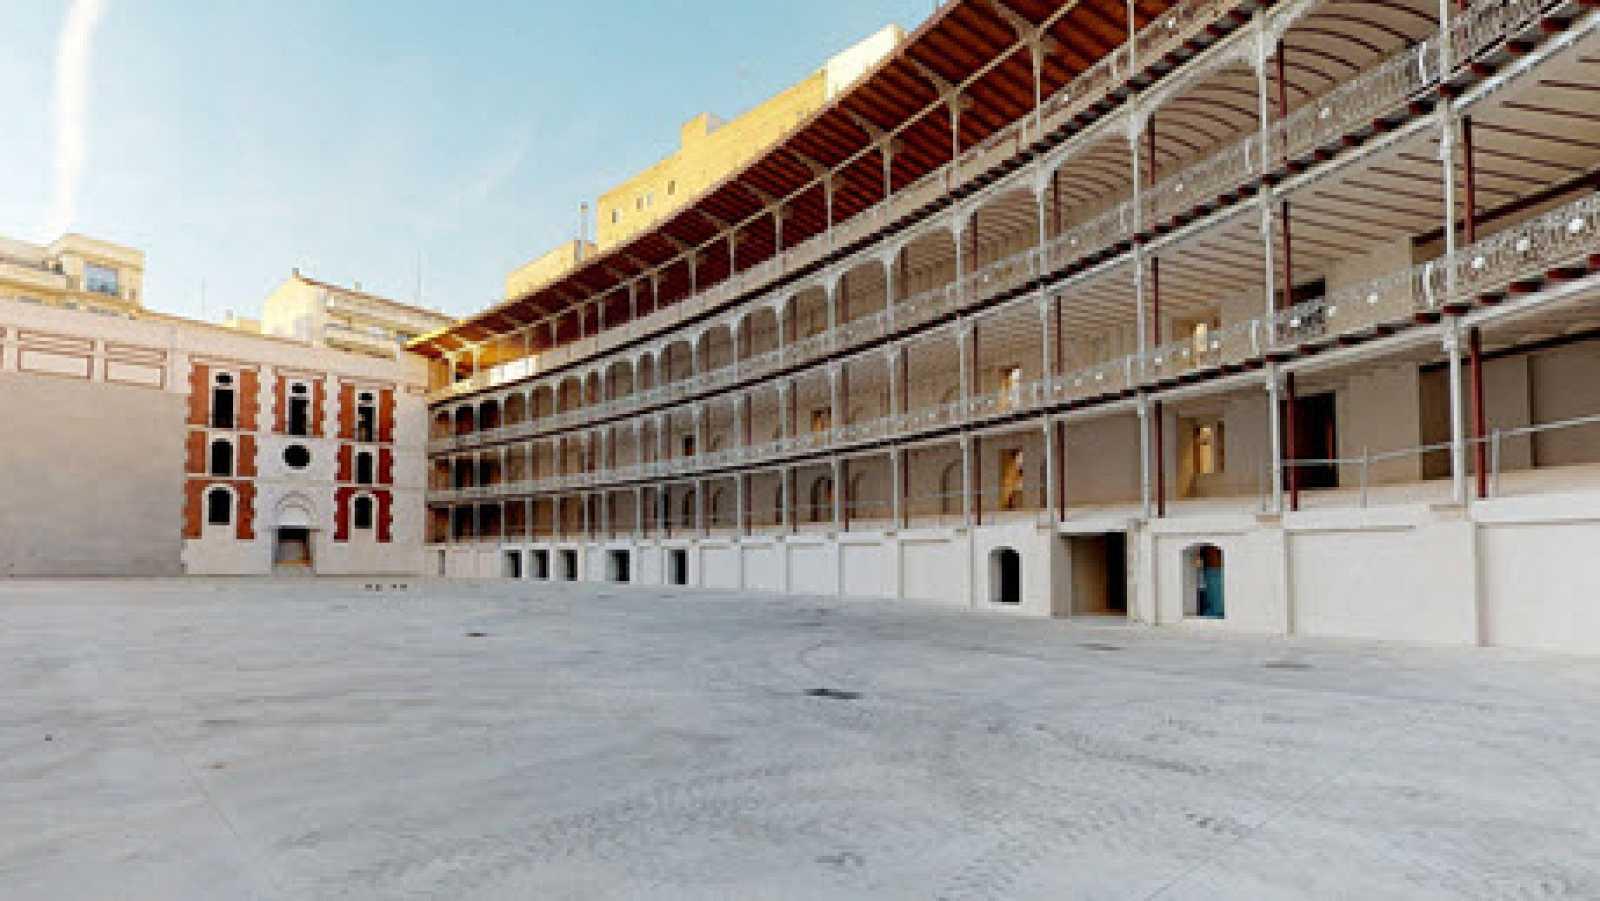 En clave turismo - El frontón Beti Jai de Madrid - 11/11/20 - Escuchar ahora